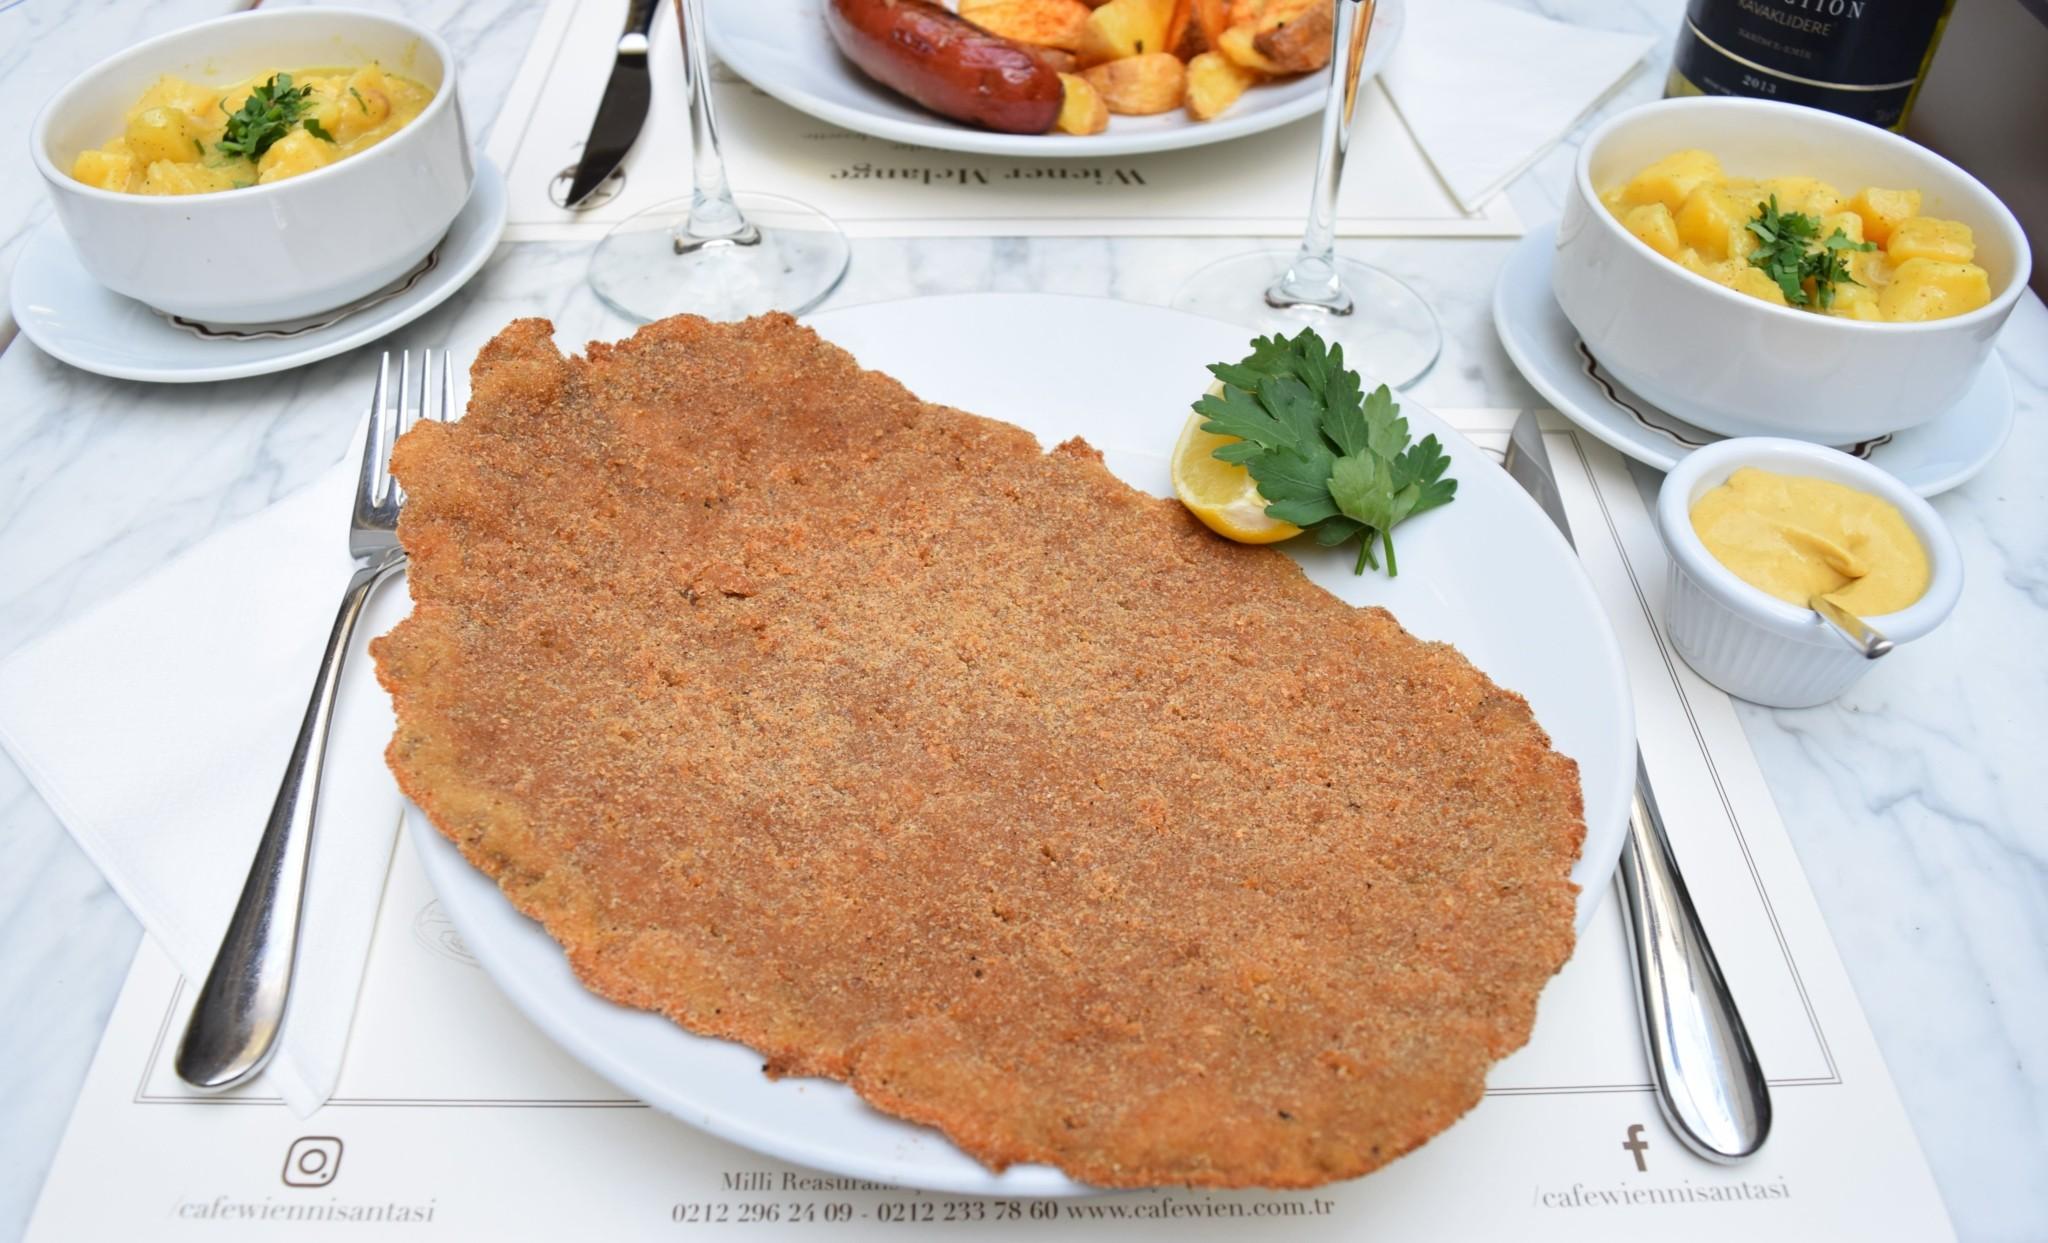 Domates Soslu Spagetti Eşliğinde Viyana Usulü Şnitzel Tarifi 25